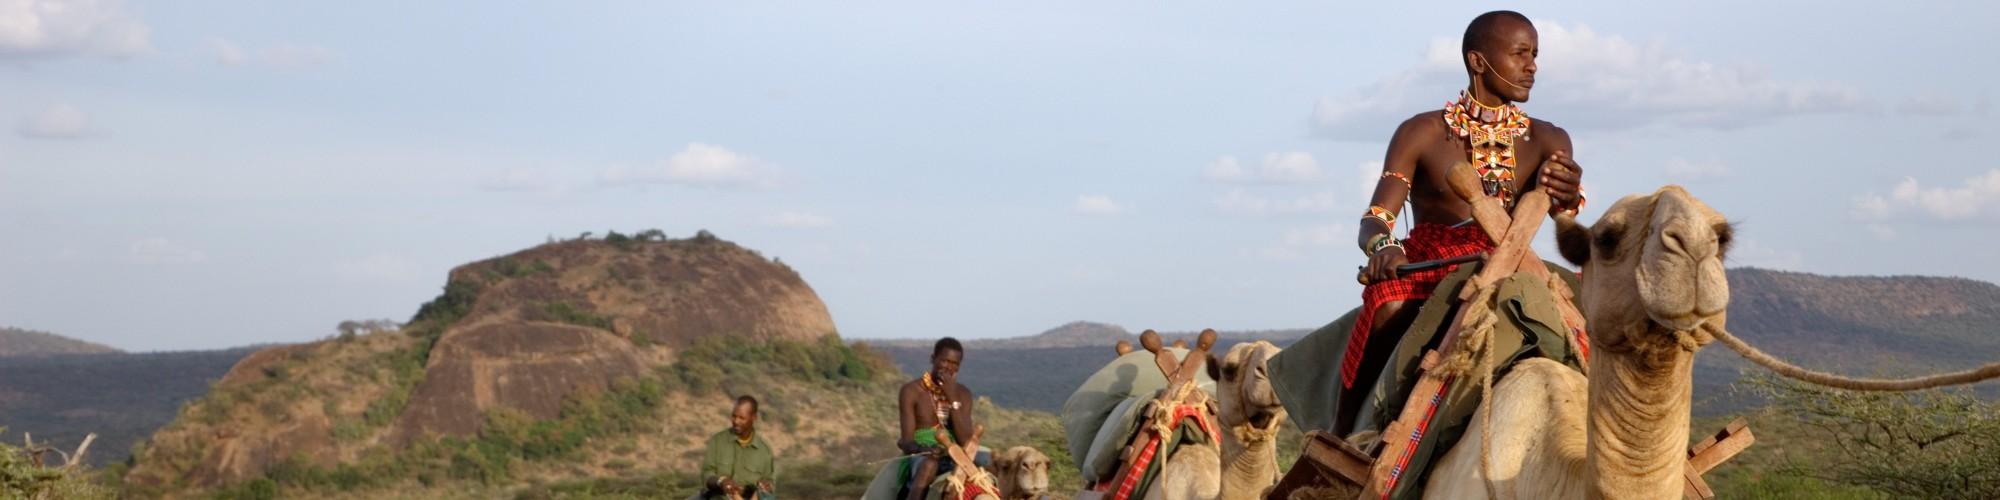 Ol Malo Laikipia Kenya